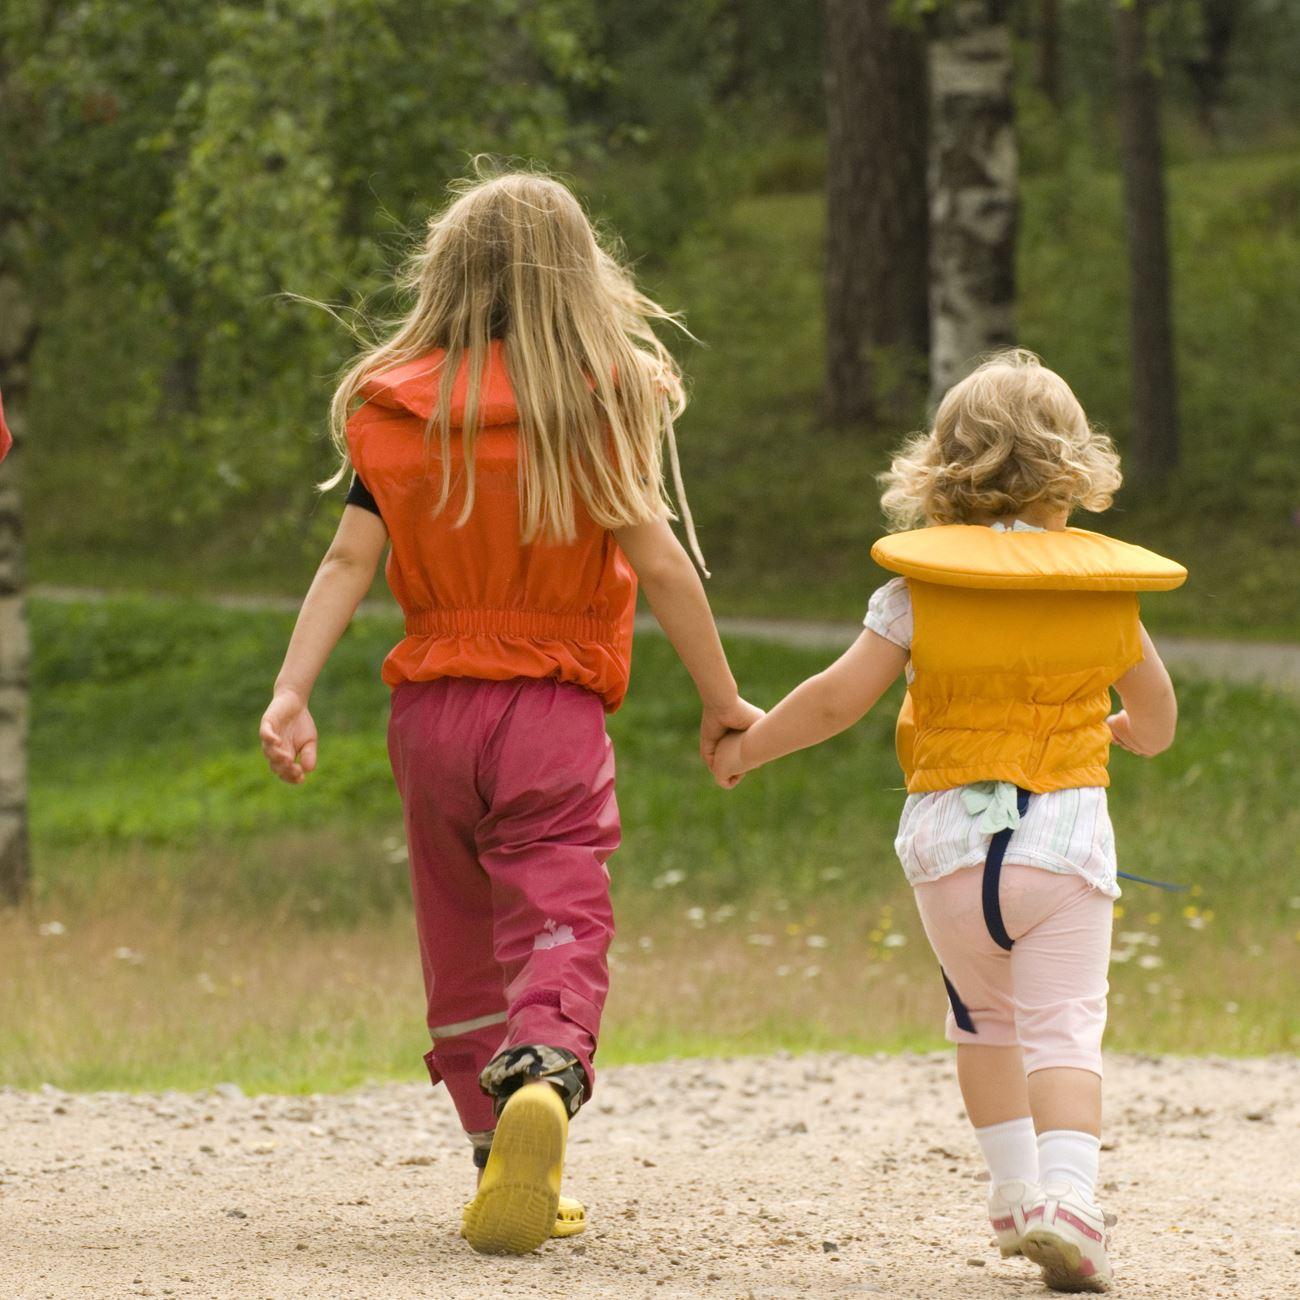 Foto: Smålandsbilder.se,  © Värnamo Näringsliv AB , Glada barn med flytväst på.